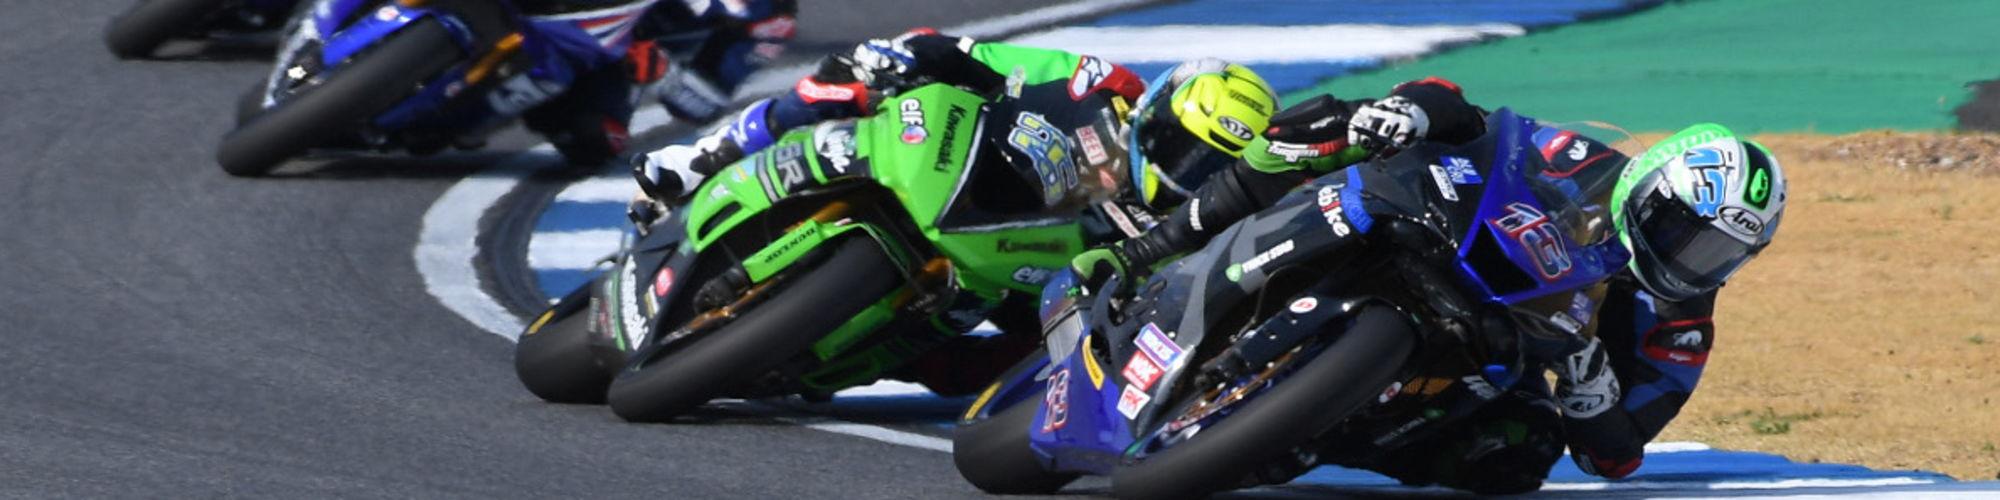 Yamaha Motor Philippines Inc. cover image